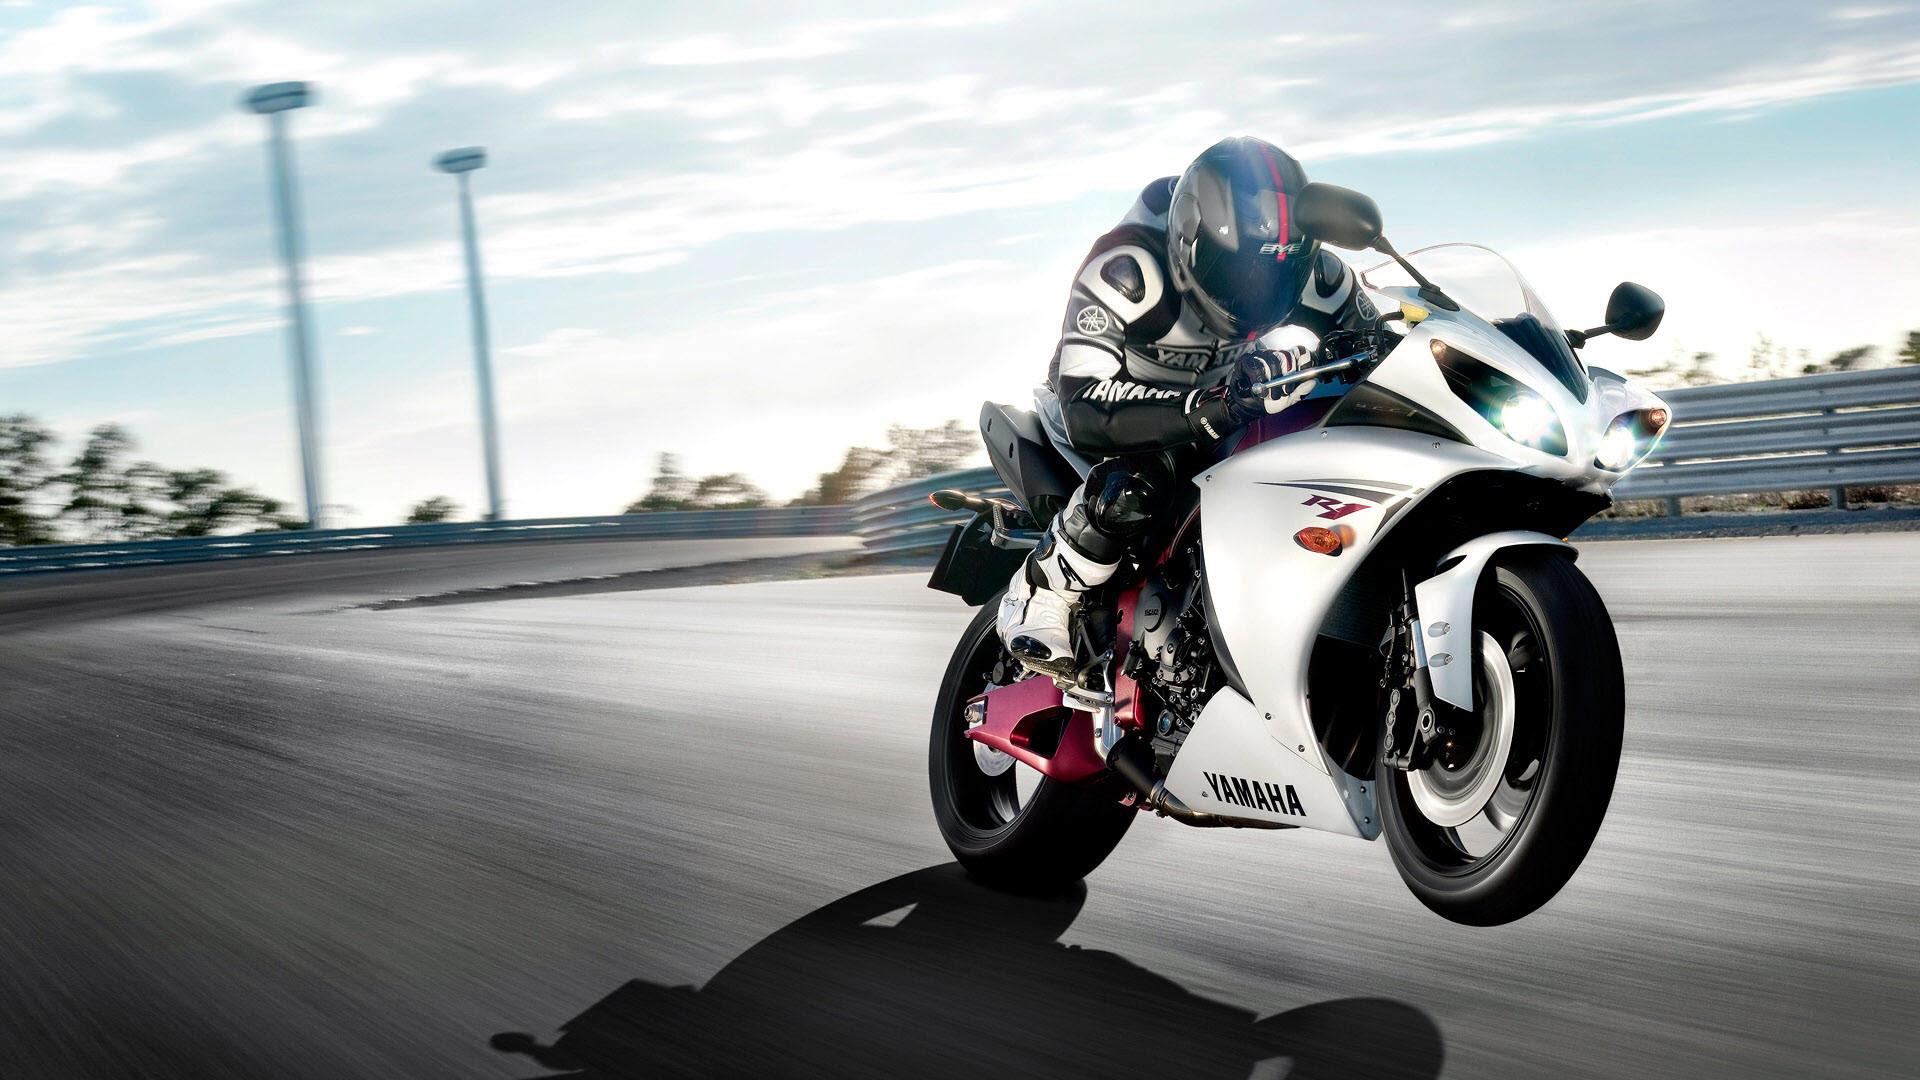 Res: 1920x1080, Yamaha R1-